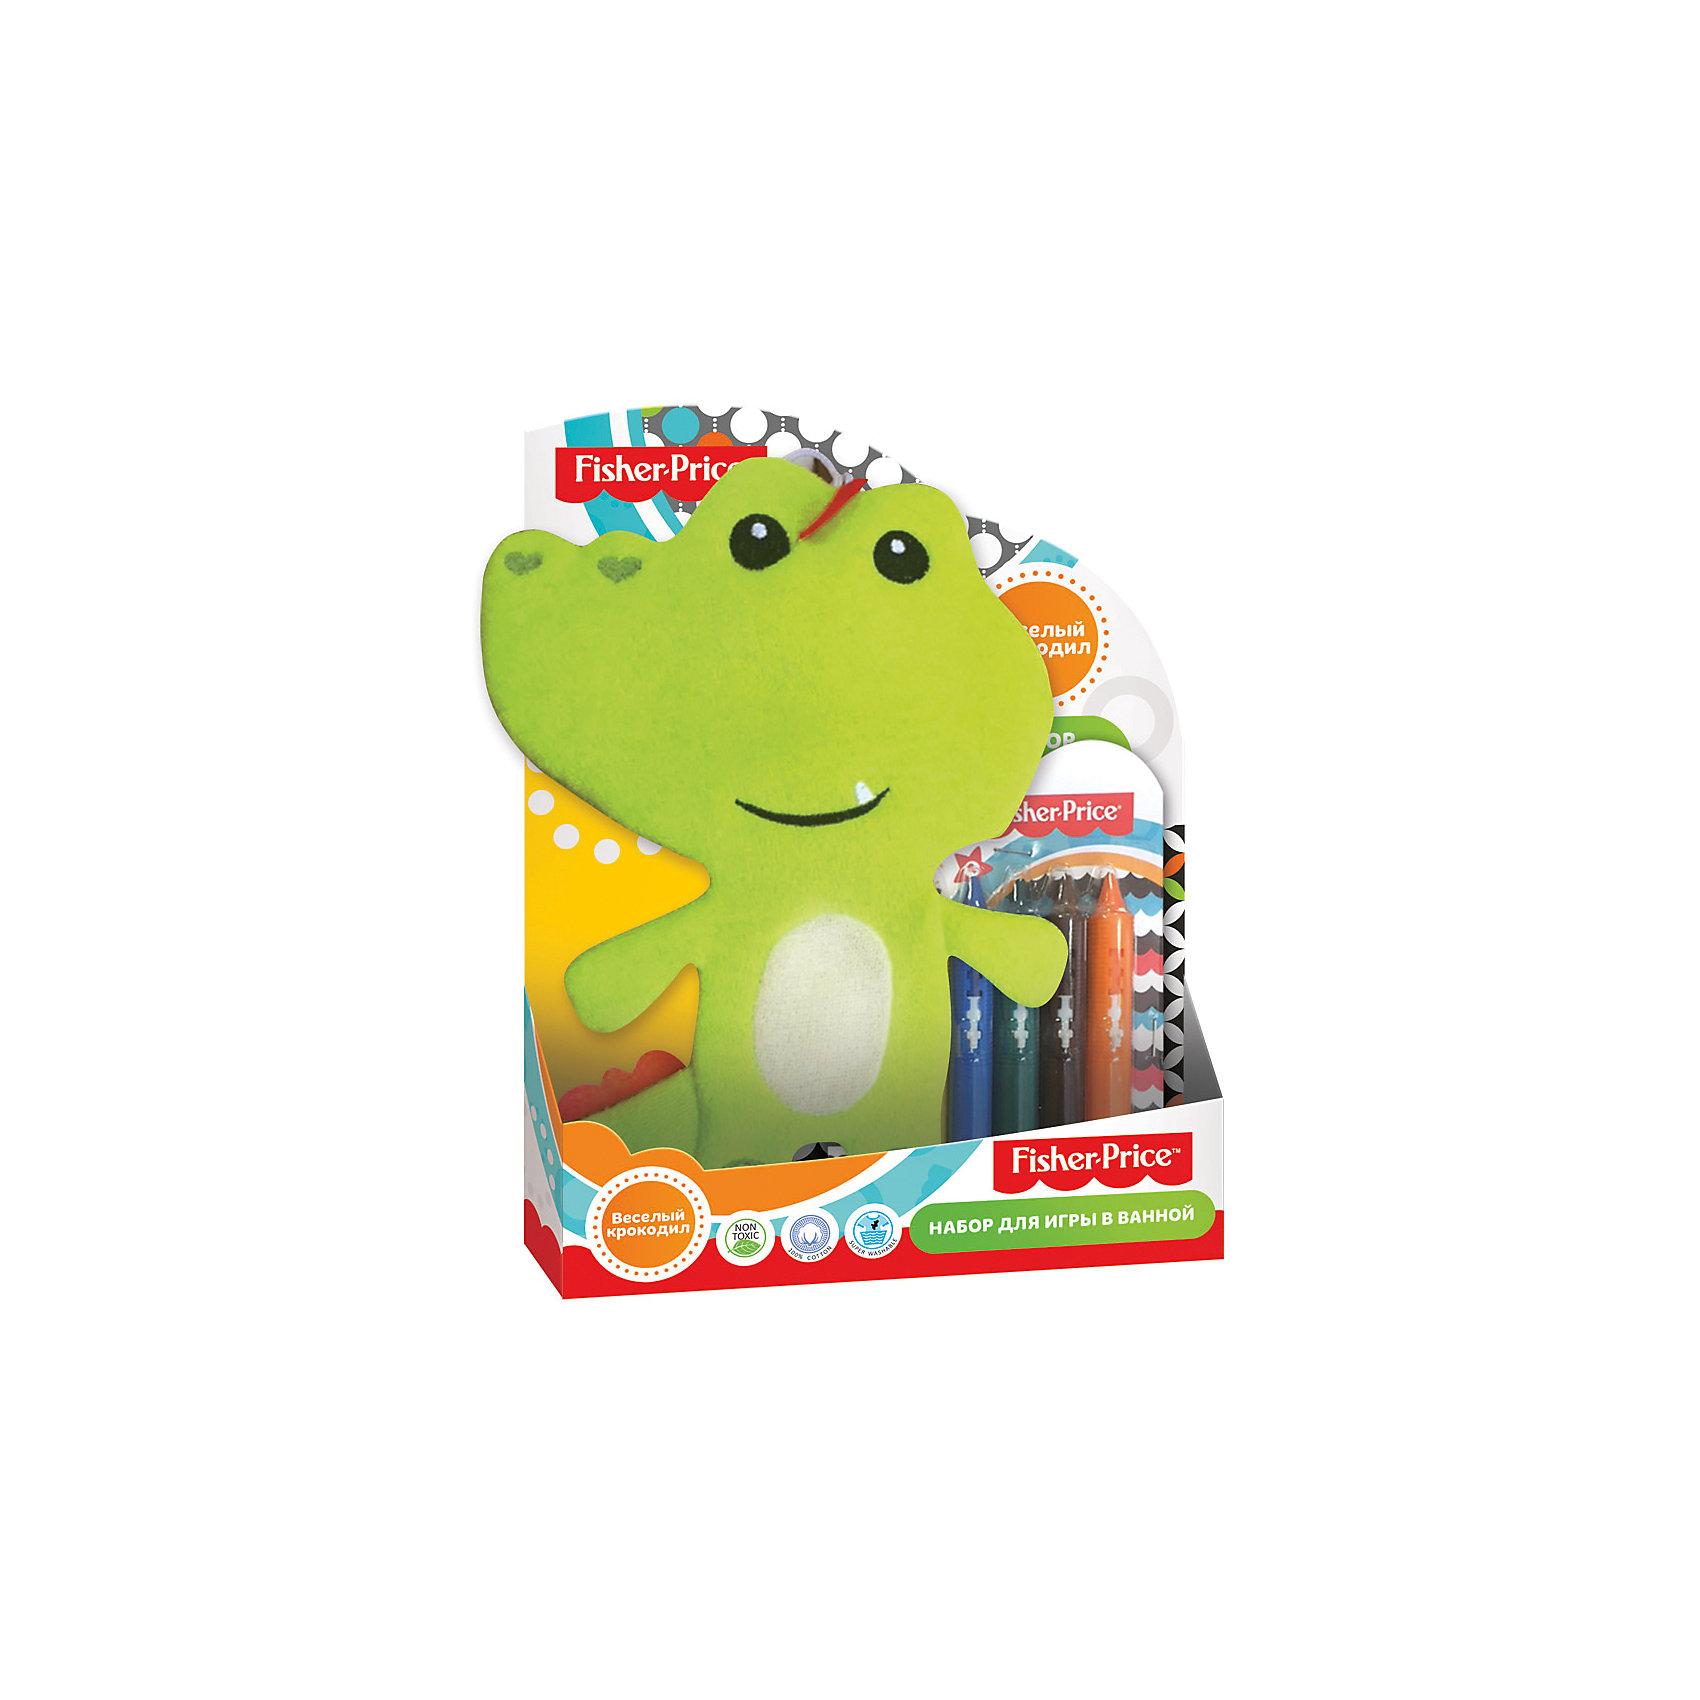 Набор для ванной Веселый крокодил, Fisher PriceИгровые наборы<br>Характеристики набор для ванной Веселый крокодил: <br><br>• возраст: от 3 лет<br>• состав: полимер 100%<br>• размеры: 25.3 х 2.8 х 20 см<br>• тип игрового набора: фигурки<br>• страна бренда: США<br>• страна производитель: Китай<br><br>Детская мочалка для ванной торговой марки Fisher Price Веселый крокодил изготовлена из натурального хлопка, имеет мягкую, ворсистую поверхность. В набор входят 6 мелков для рисования в пластиковой упаковке. Следы от мелков без труда смываются теплой водой.<br><br>Детскую мочалку торговой марки Fisher Price Веселый крокодил можно купить в нашем интернет-магазине.<br><br>Ширина мм: 253<br>Глубина мм: 280<br>Высота мм: 200<br>Вес г: 156<br>Возраст от месяцев: 0<br>Возраст до месяцев: 72<br>Пол: Унисекс<br>Возраст: Детский<br>SKU: 5475464